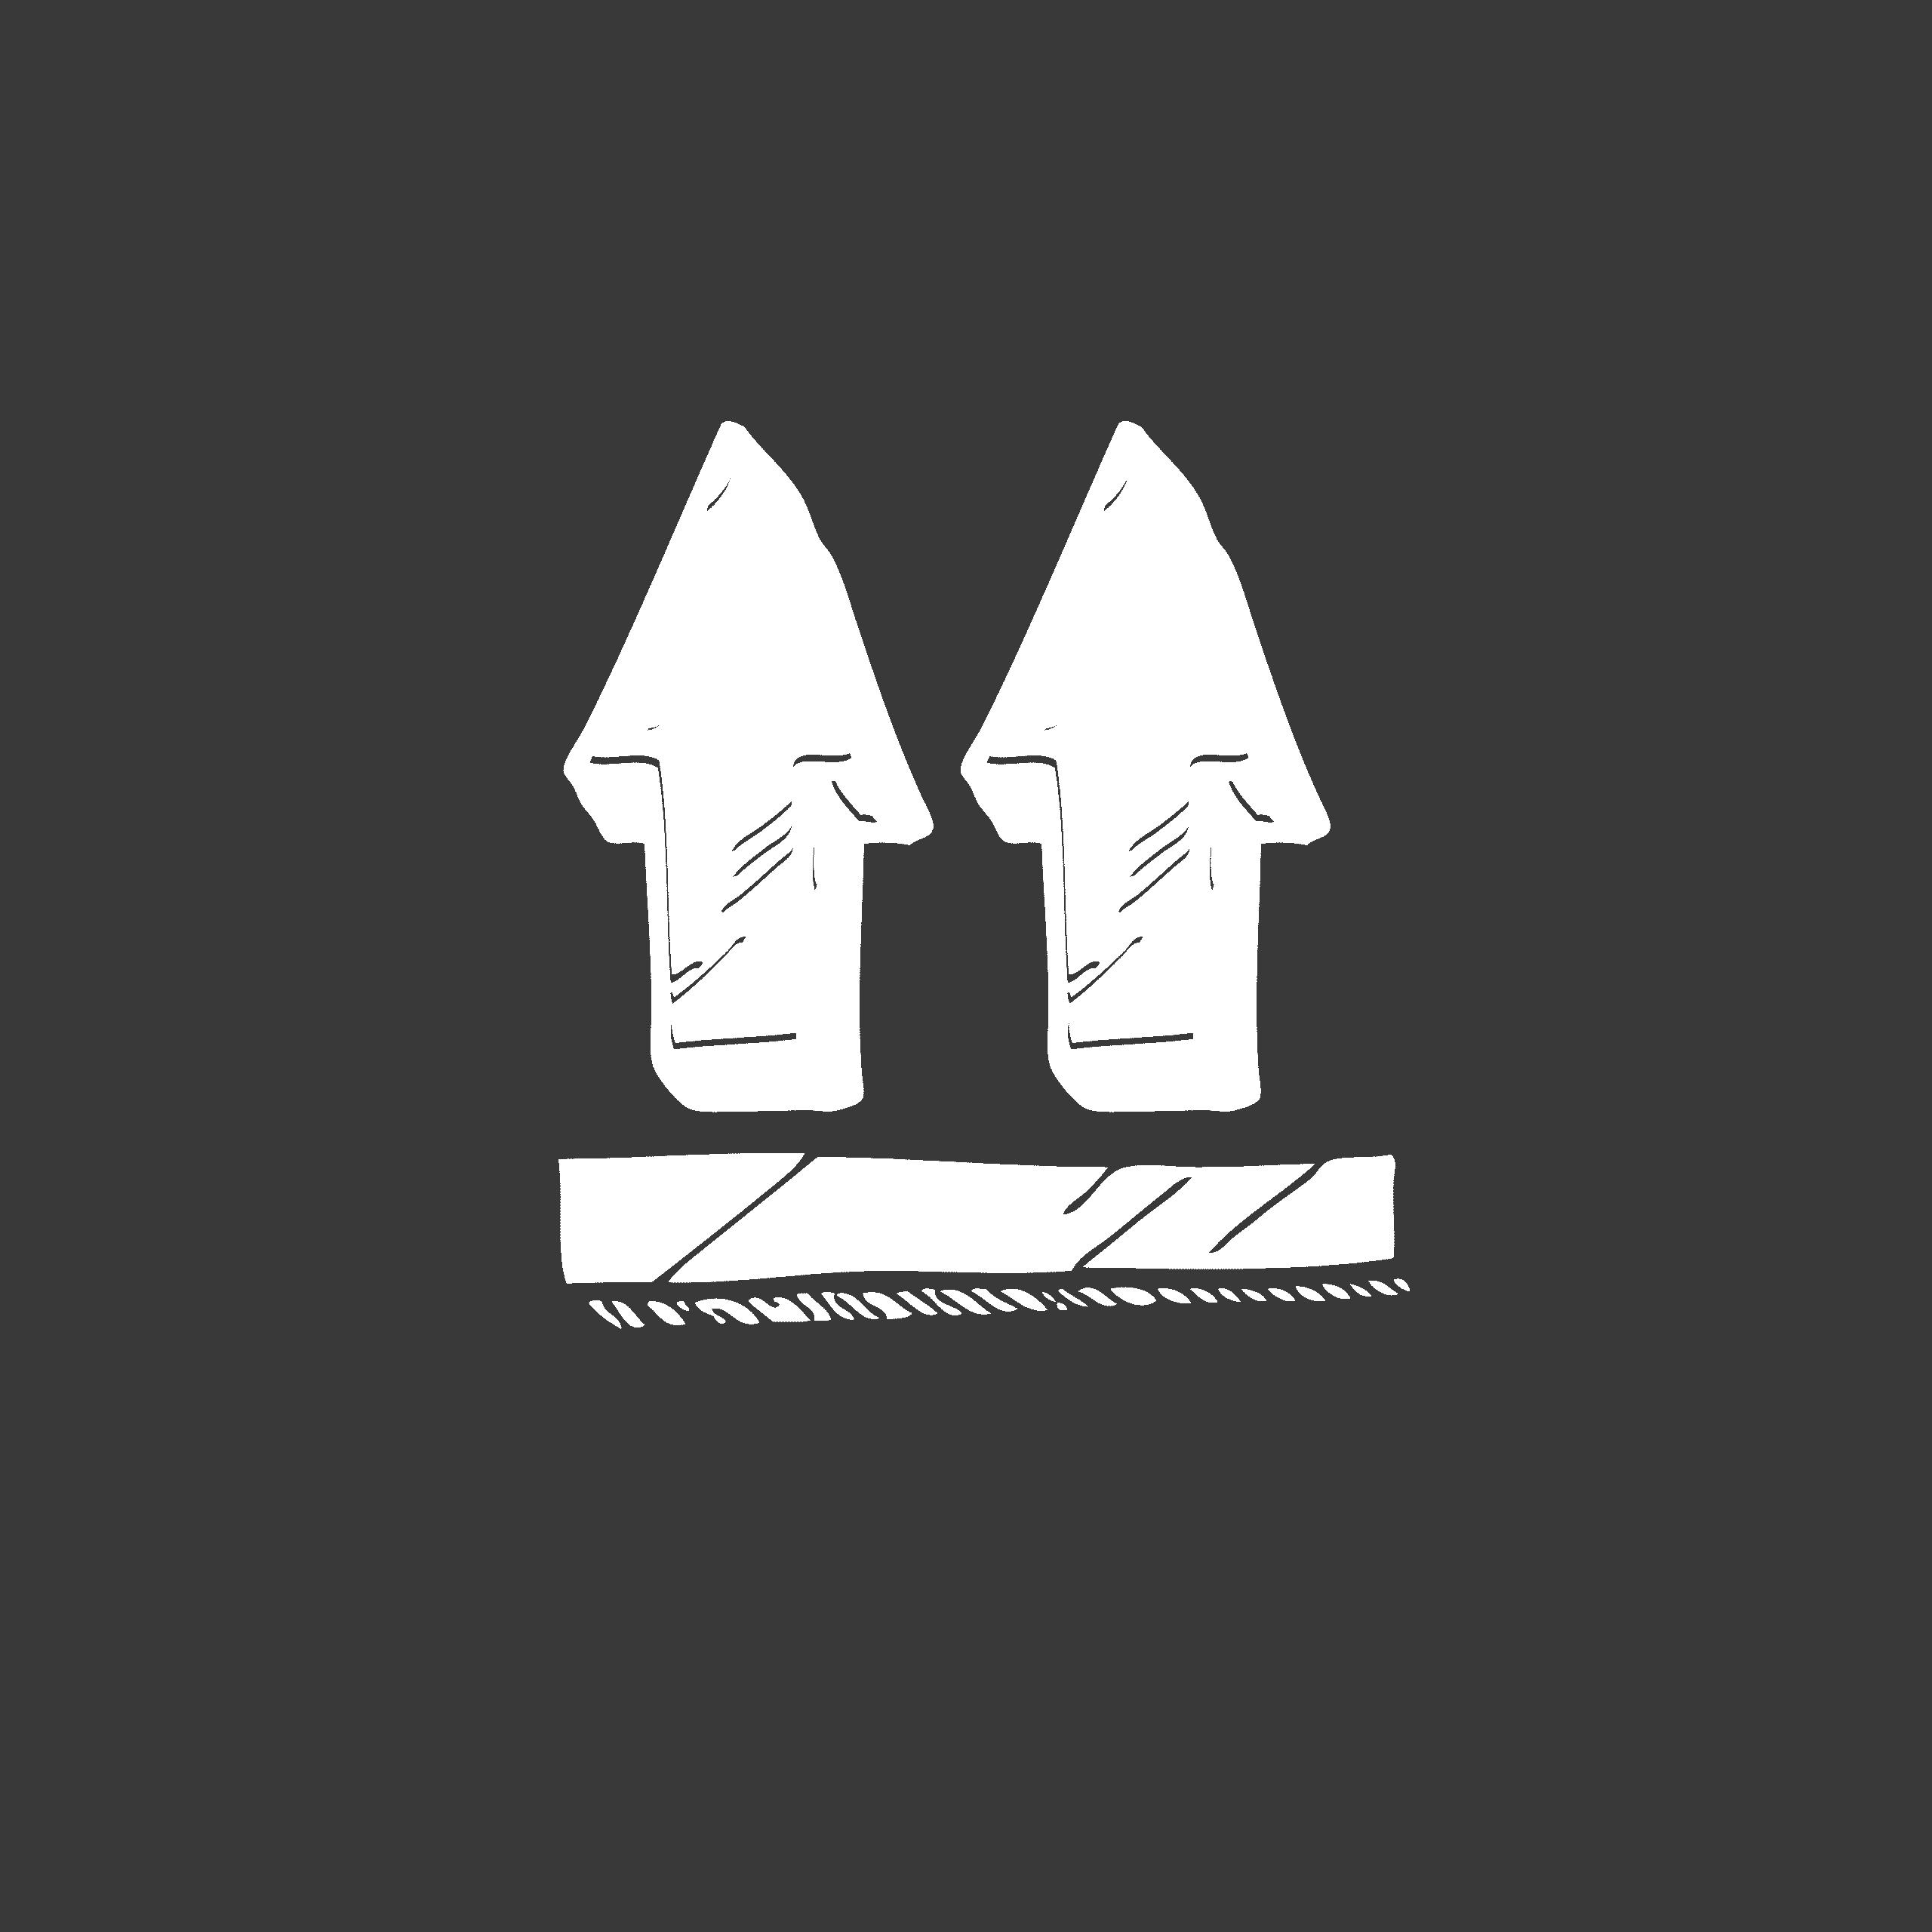 vectores-05